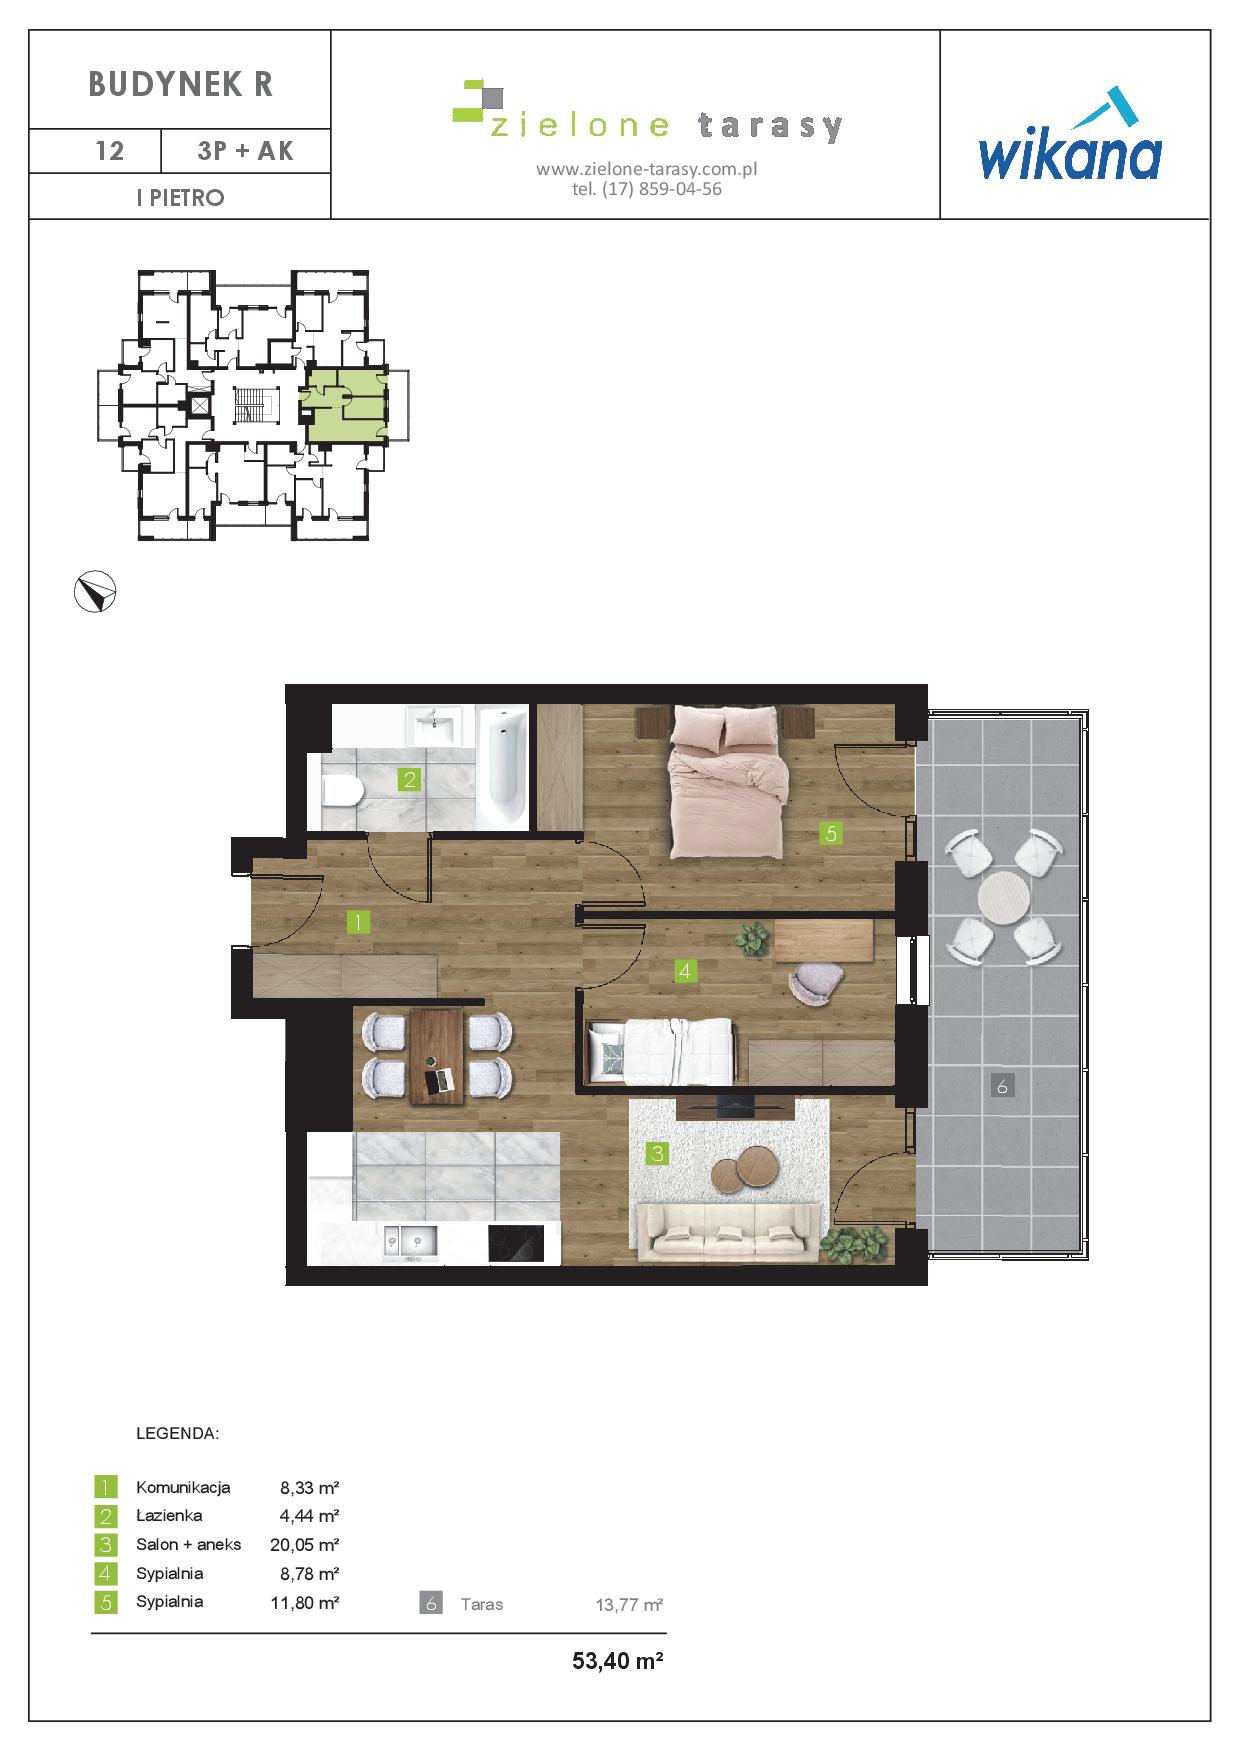 sprzedaż mieszkań rzeszów - R-12